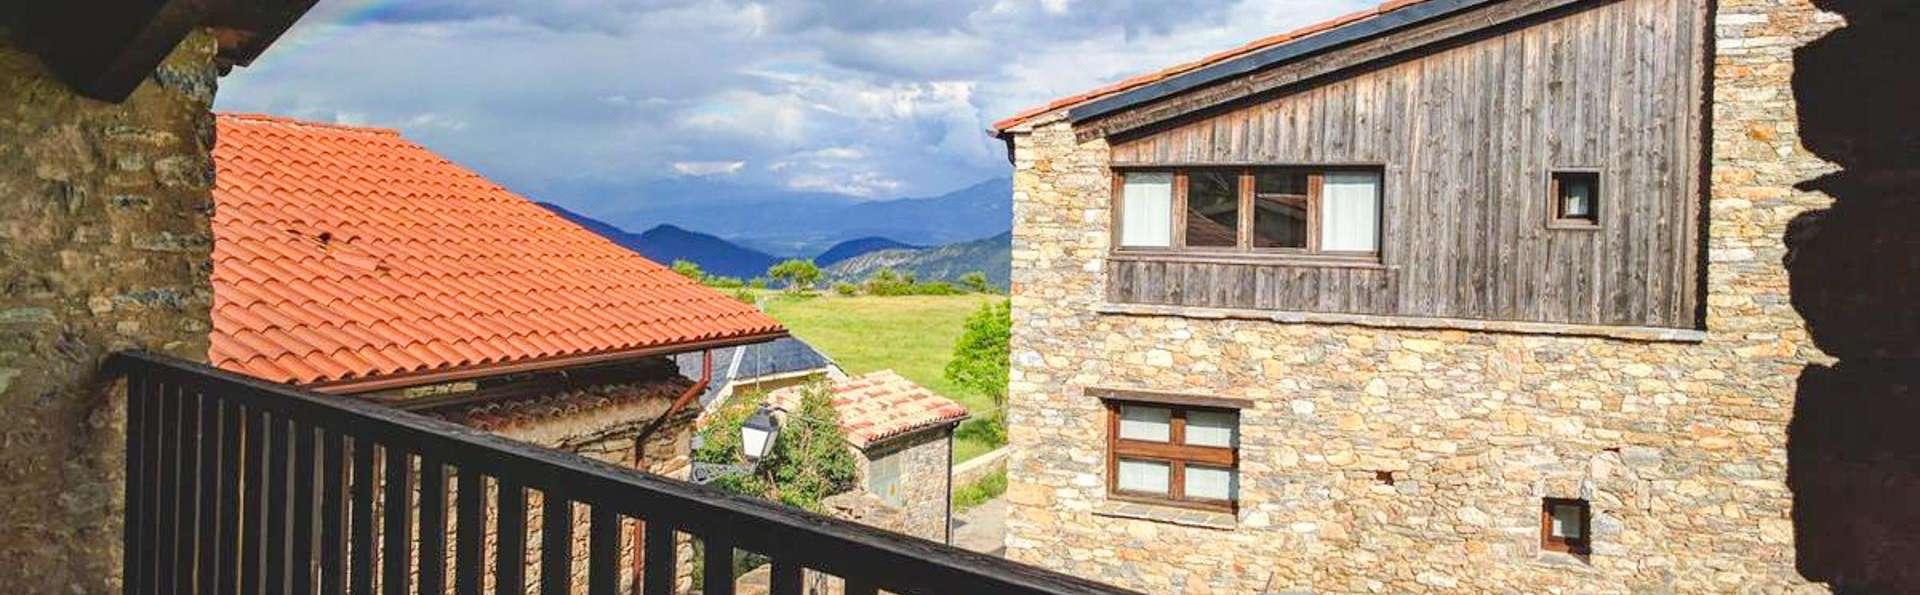 Escapade au Cadi-Moixeró dans une chambre avec balcon et vue sur les montagnes